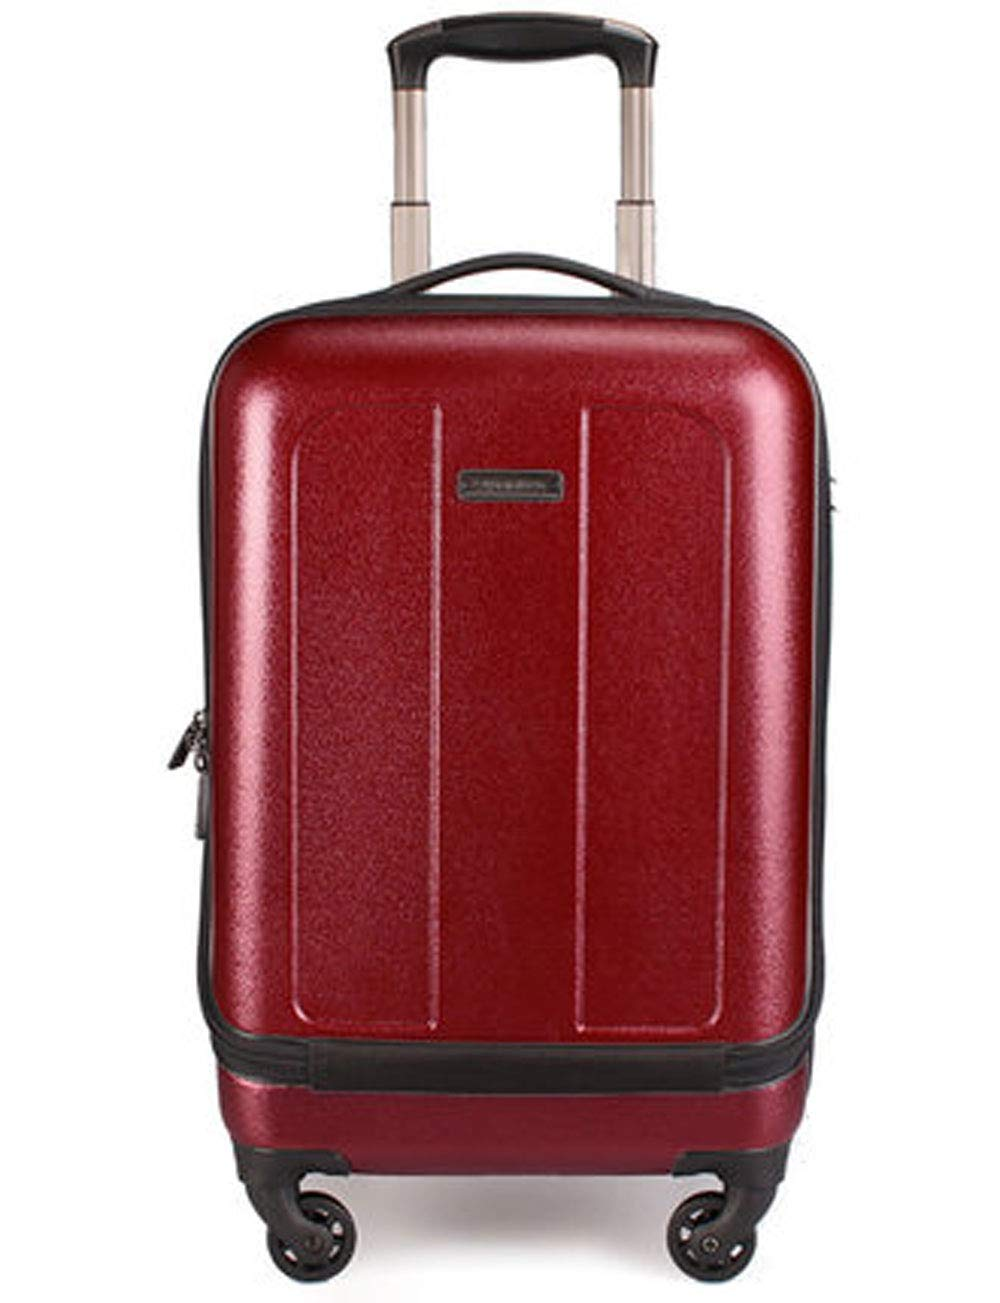 拡張ビジネスハードシェルPCの荷物、コンピュータバッグのデザイン、アルミニウム合金レバー、サイレントローラー、シャーシへのパスワード (色 : Red)   B07GSYCGGG